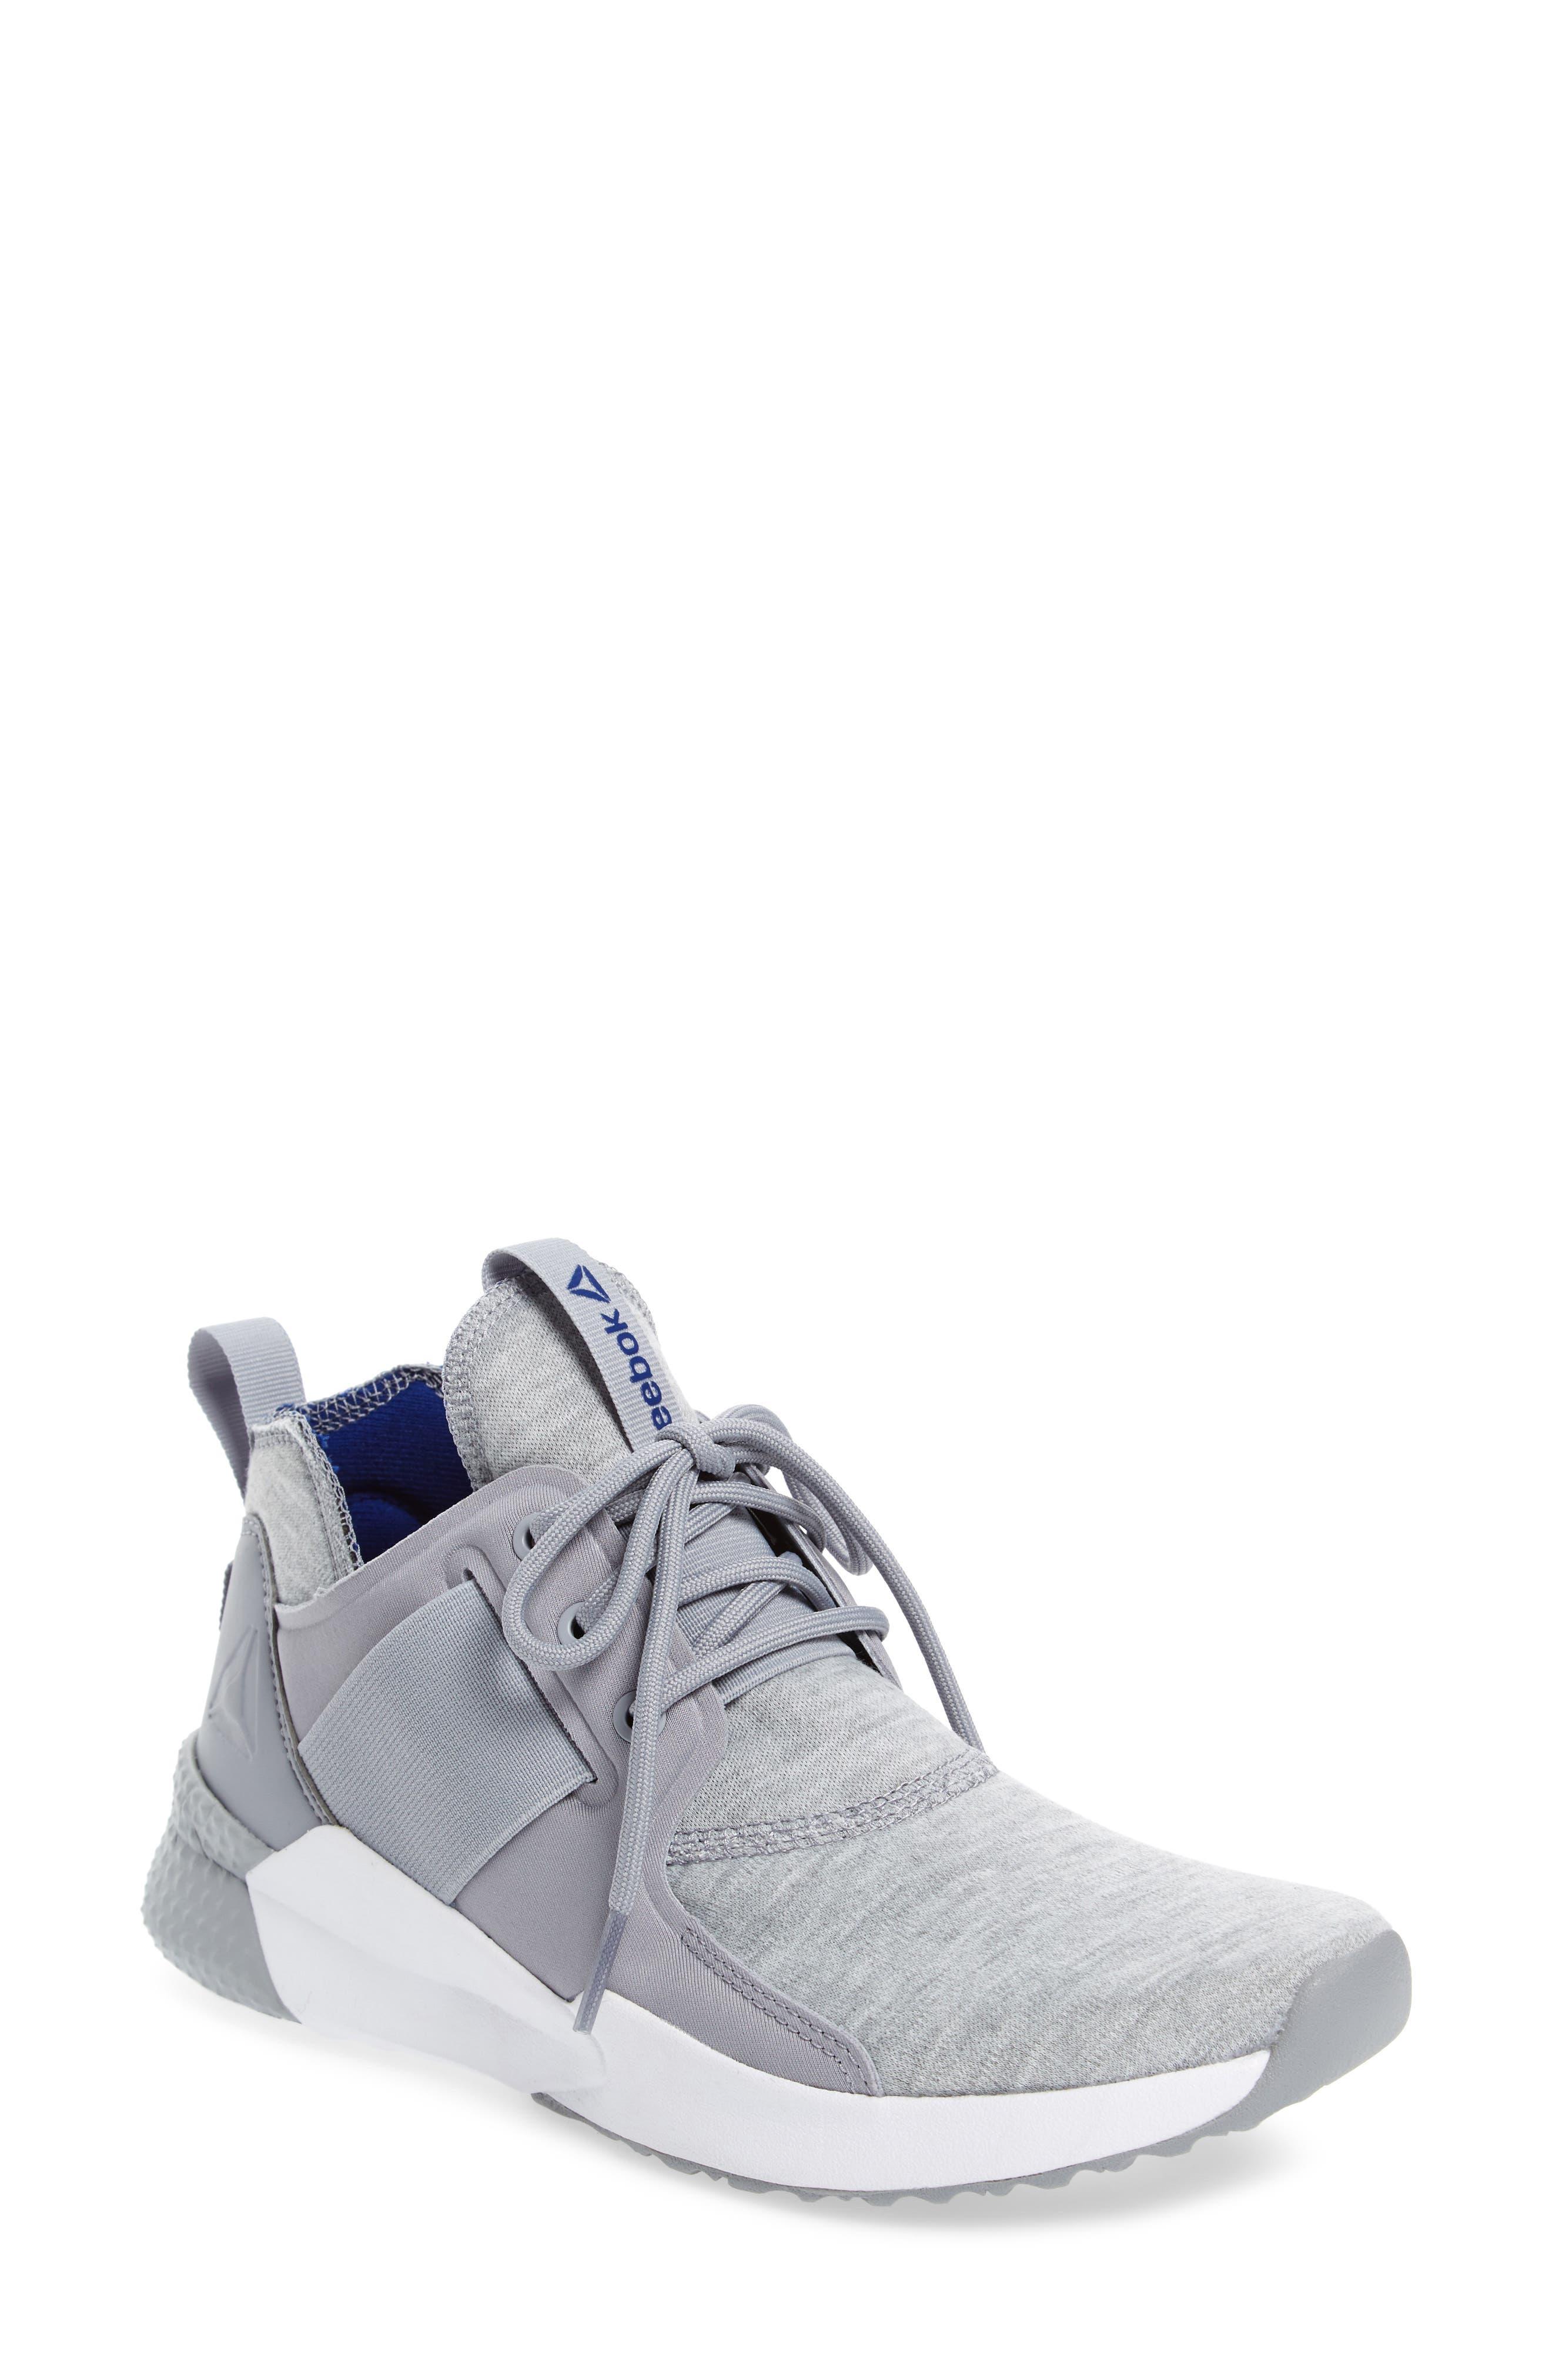 Guresu 1.0 Training Shoe,                             Main thumbnail 1, color,